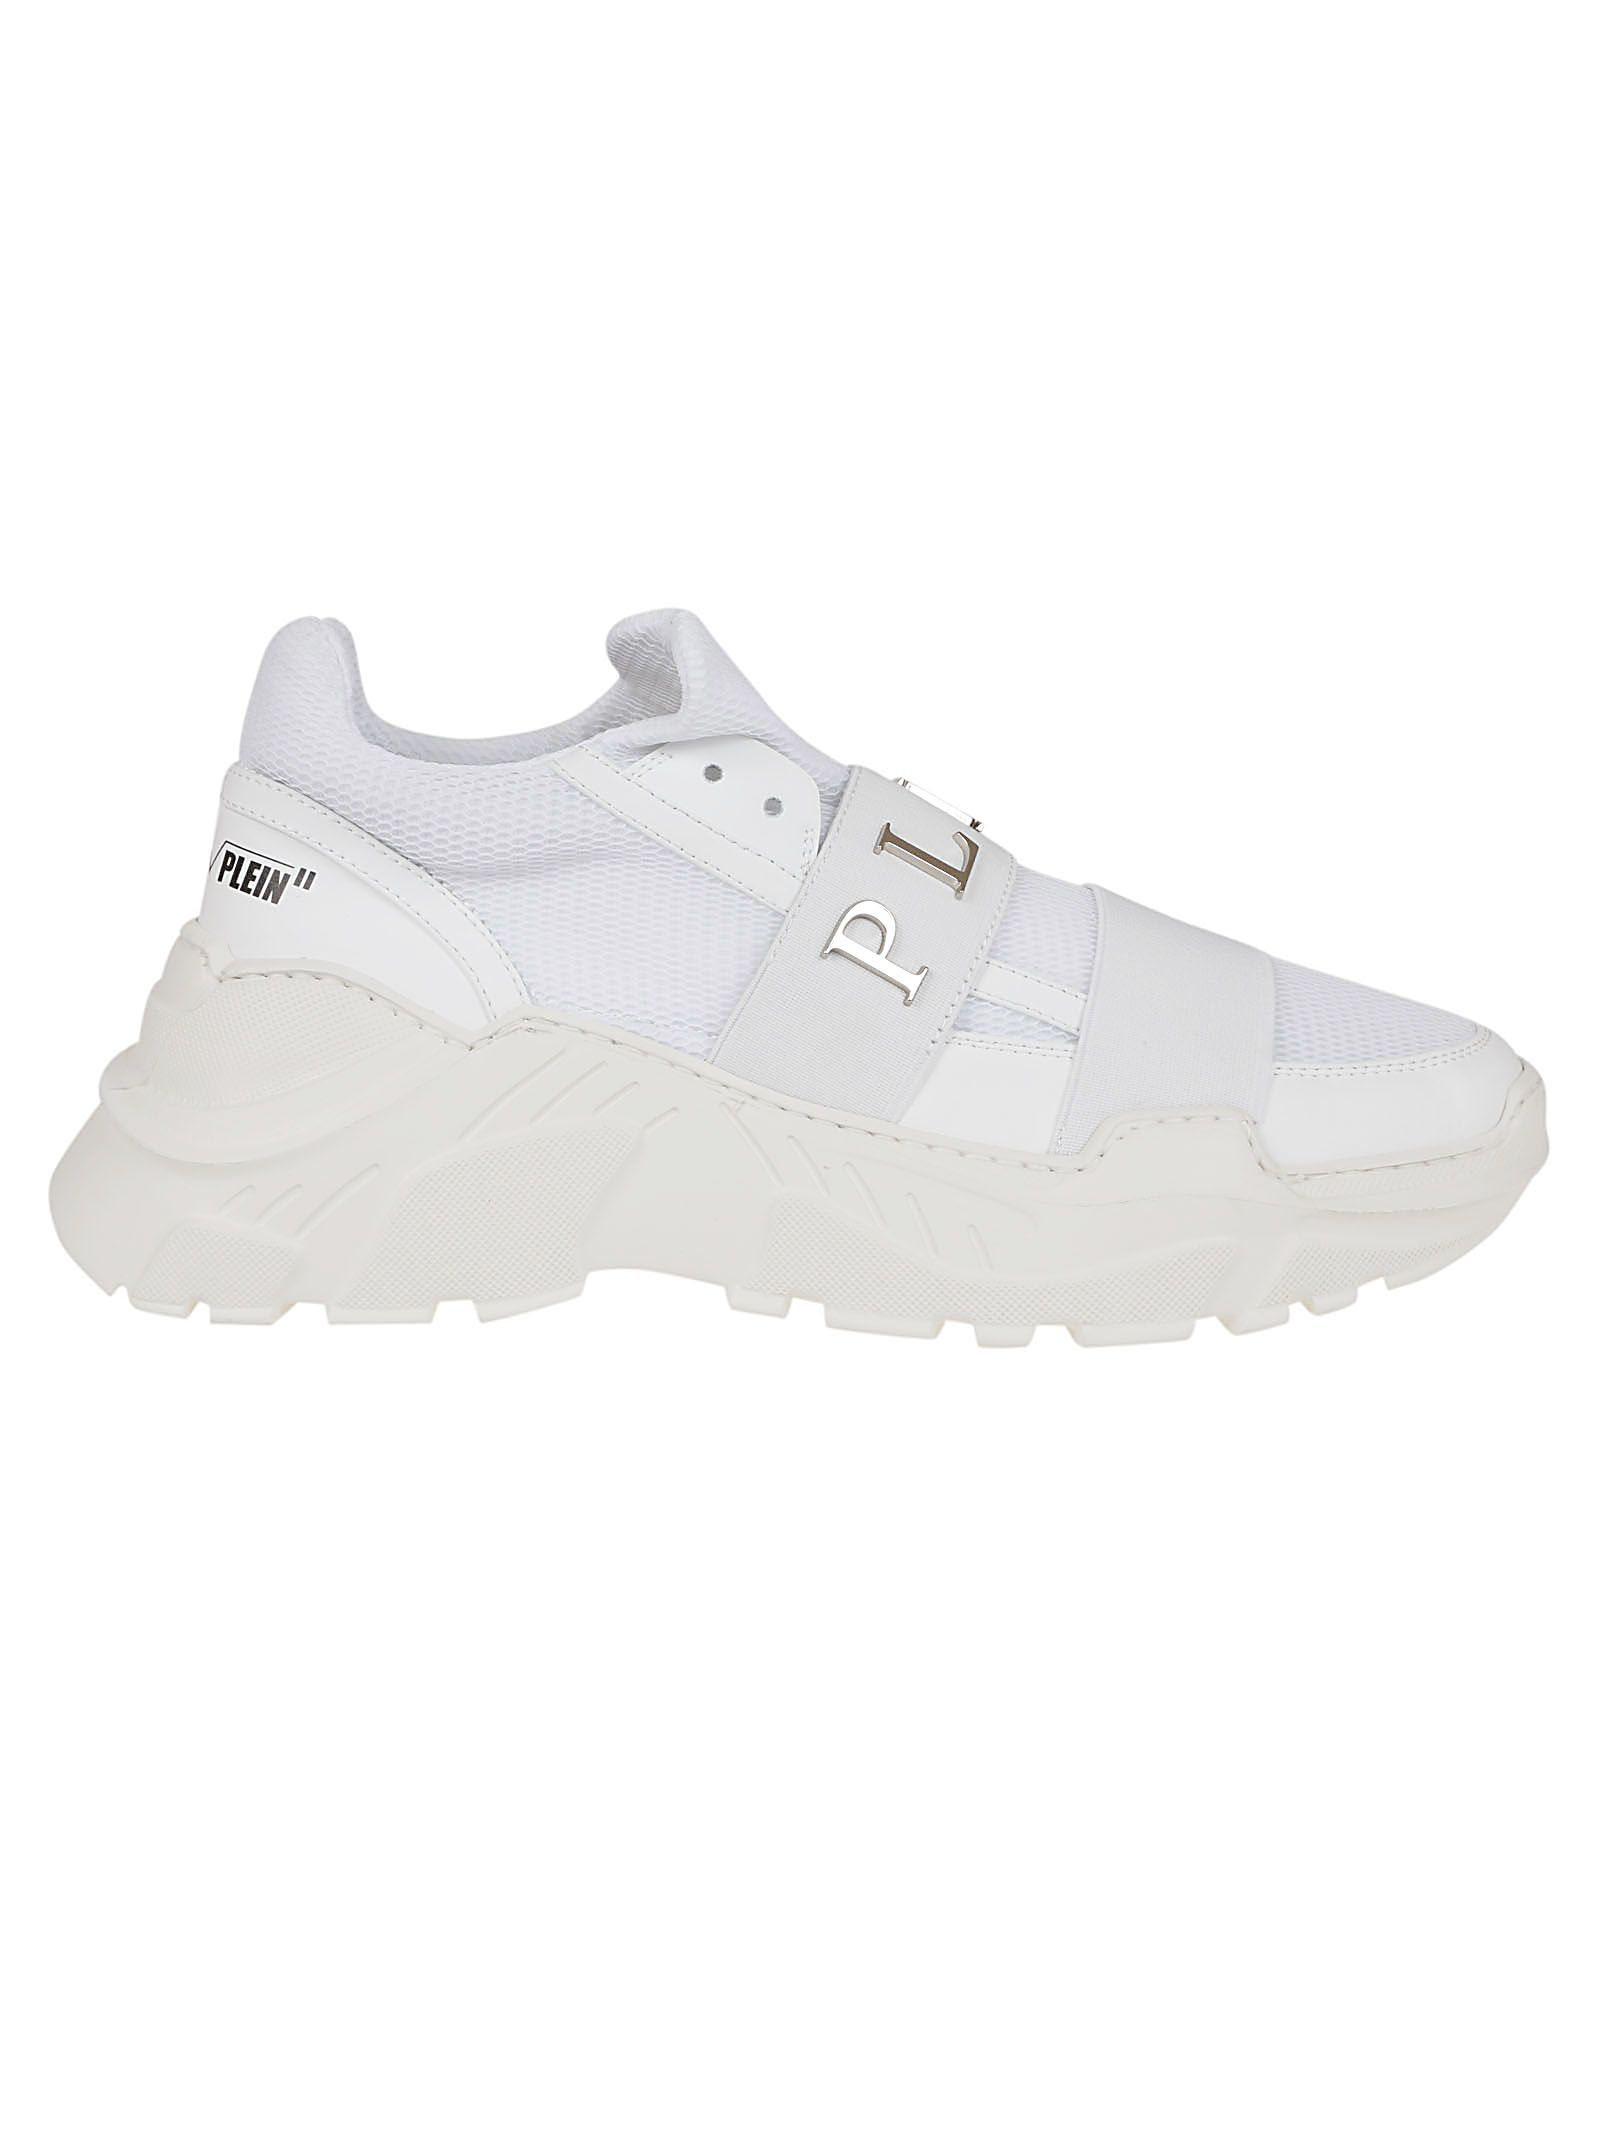 3cd6381477d Philipp Plein Philipp Plein Runner Statement Slip-on Sneakers ...